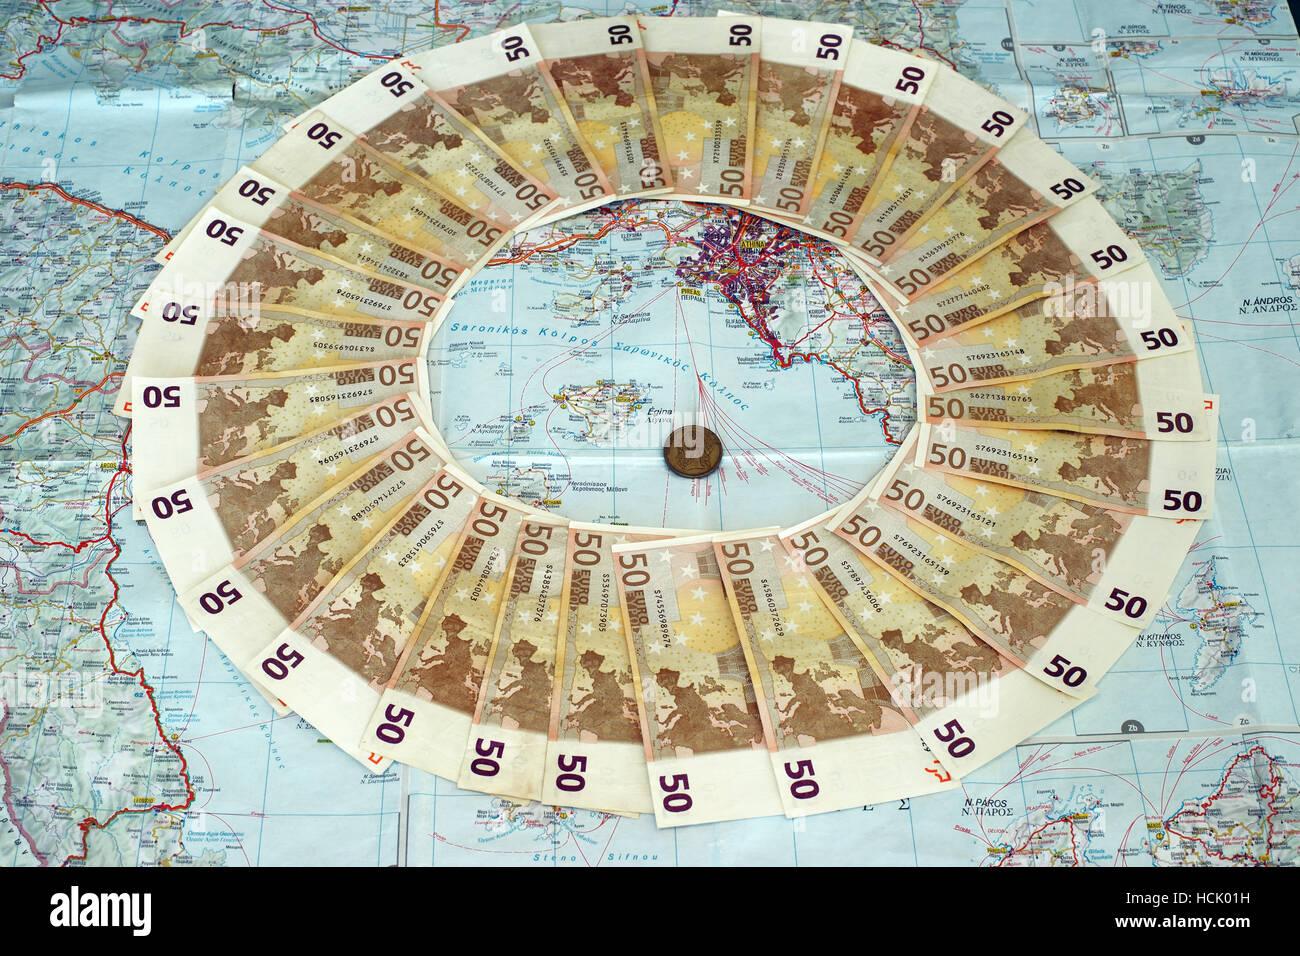 50 Euro-Banknote auf Karte von Griechenland mit Dracma. Tappeto di Banconote da 50 Euro. Symbolisieren griechische Standard Stockfoto